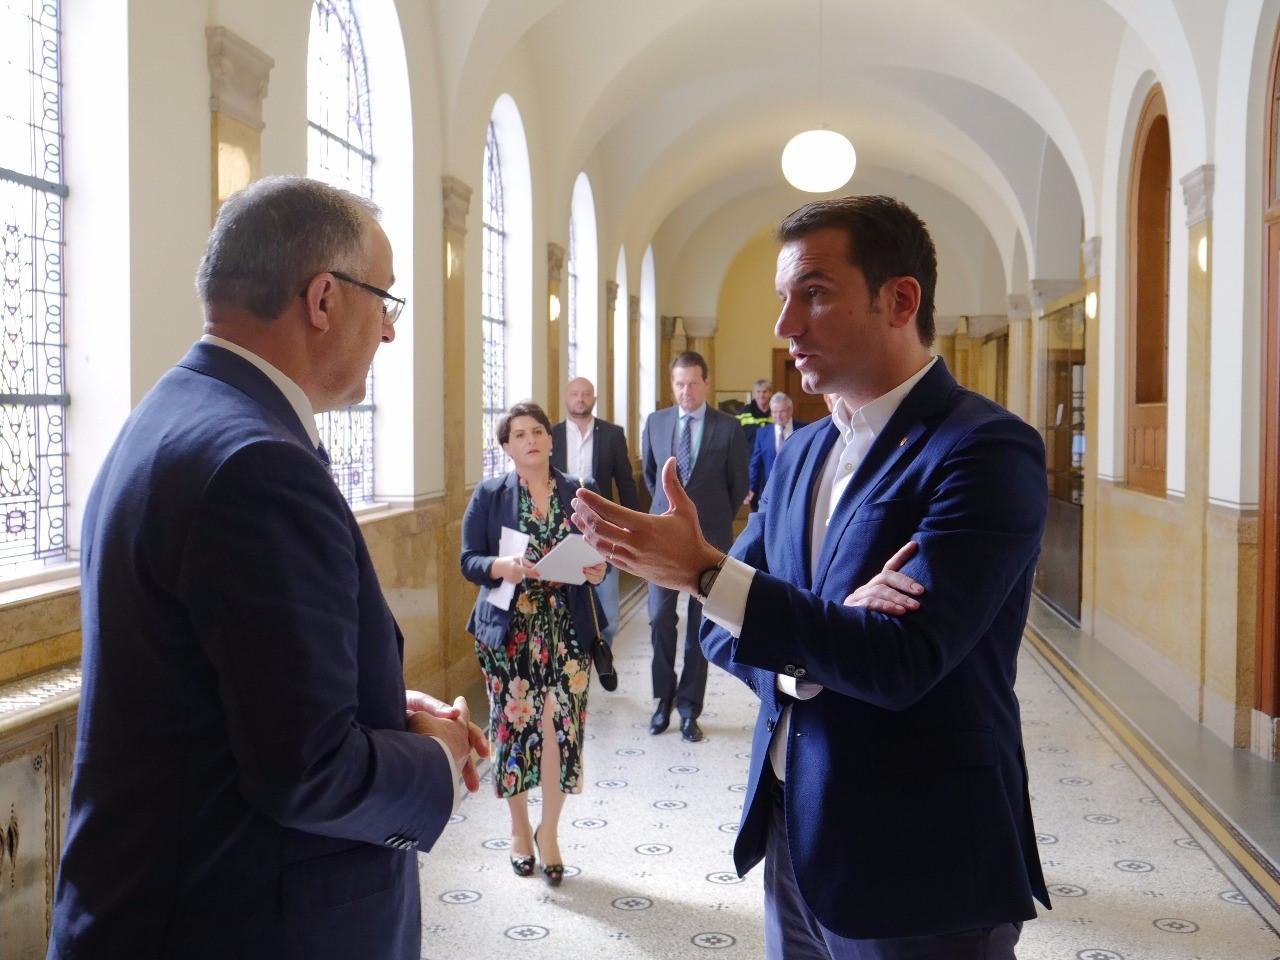 Veliaj i bashkohet qeverisë për negociatat, tur lobimi në Hollandë